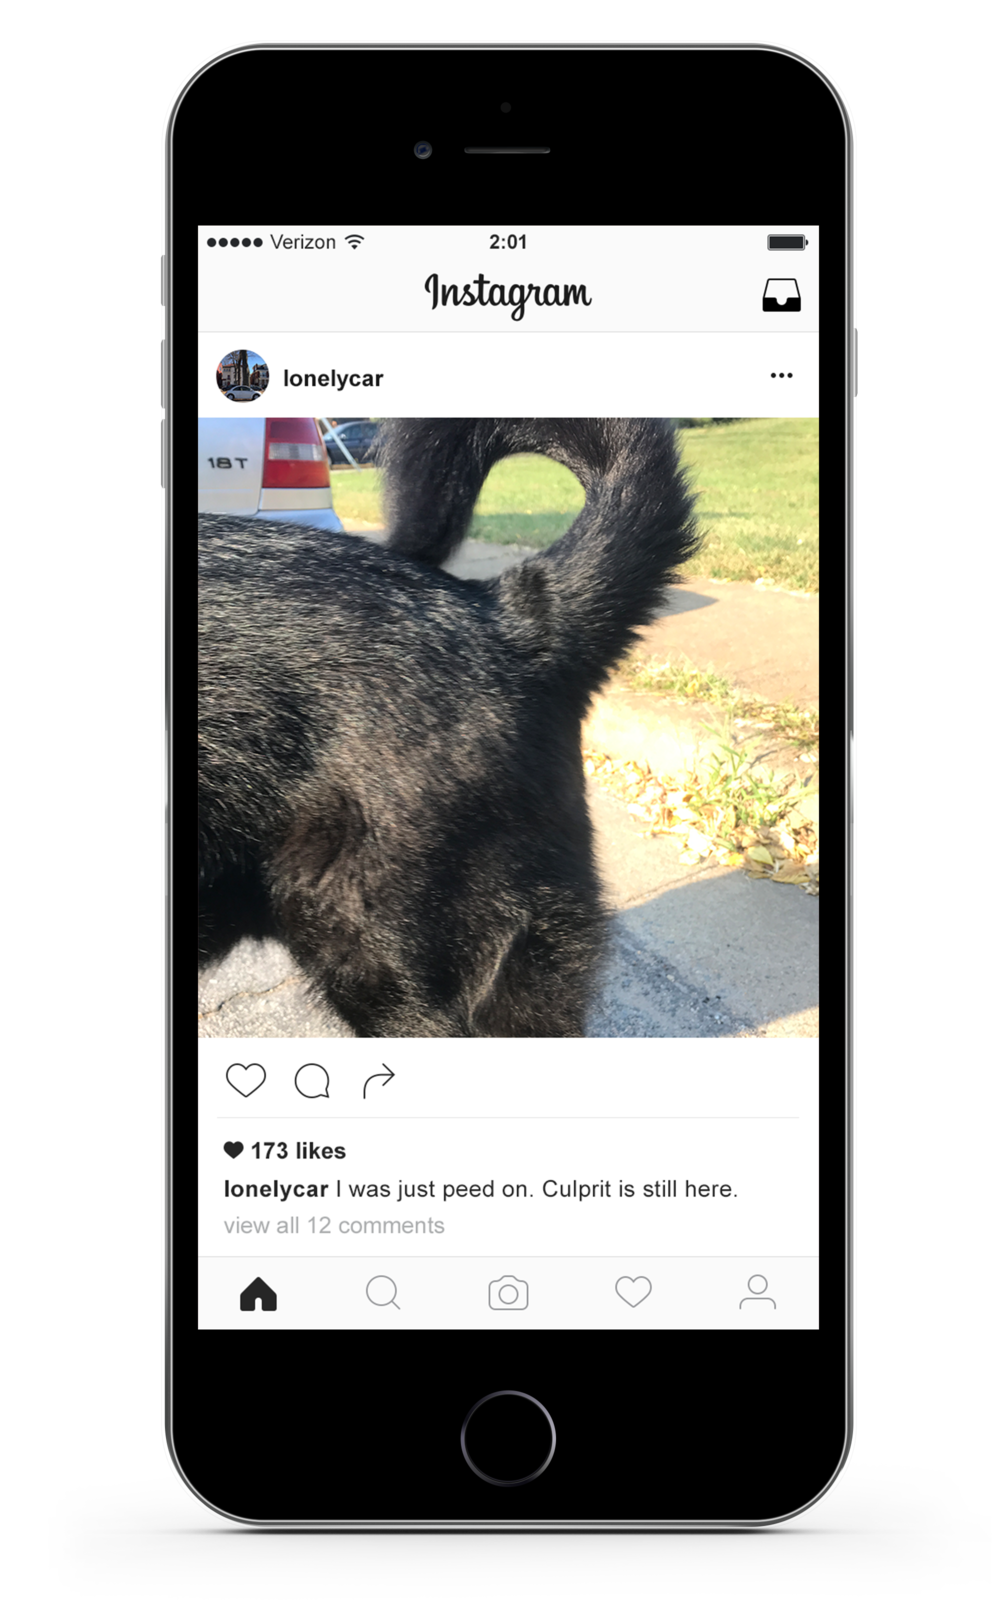 InstagramPost_1_TW_OnPhone.png